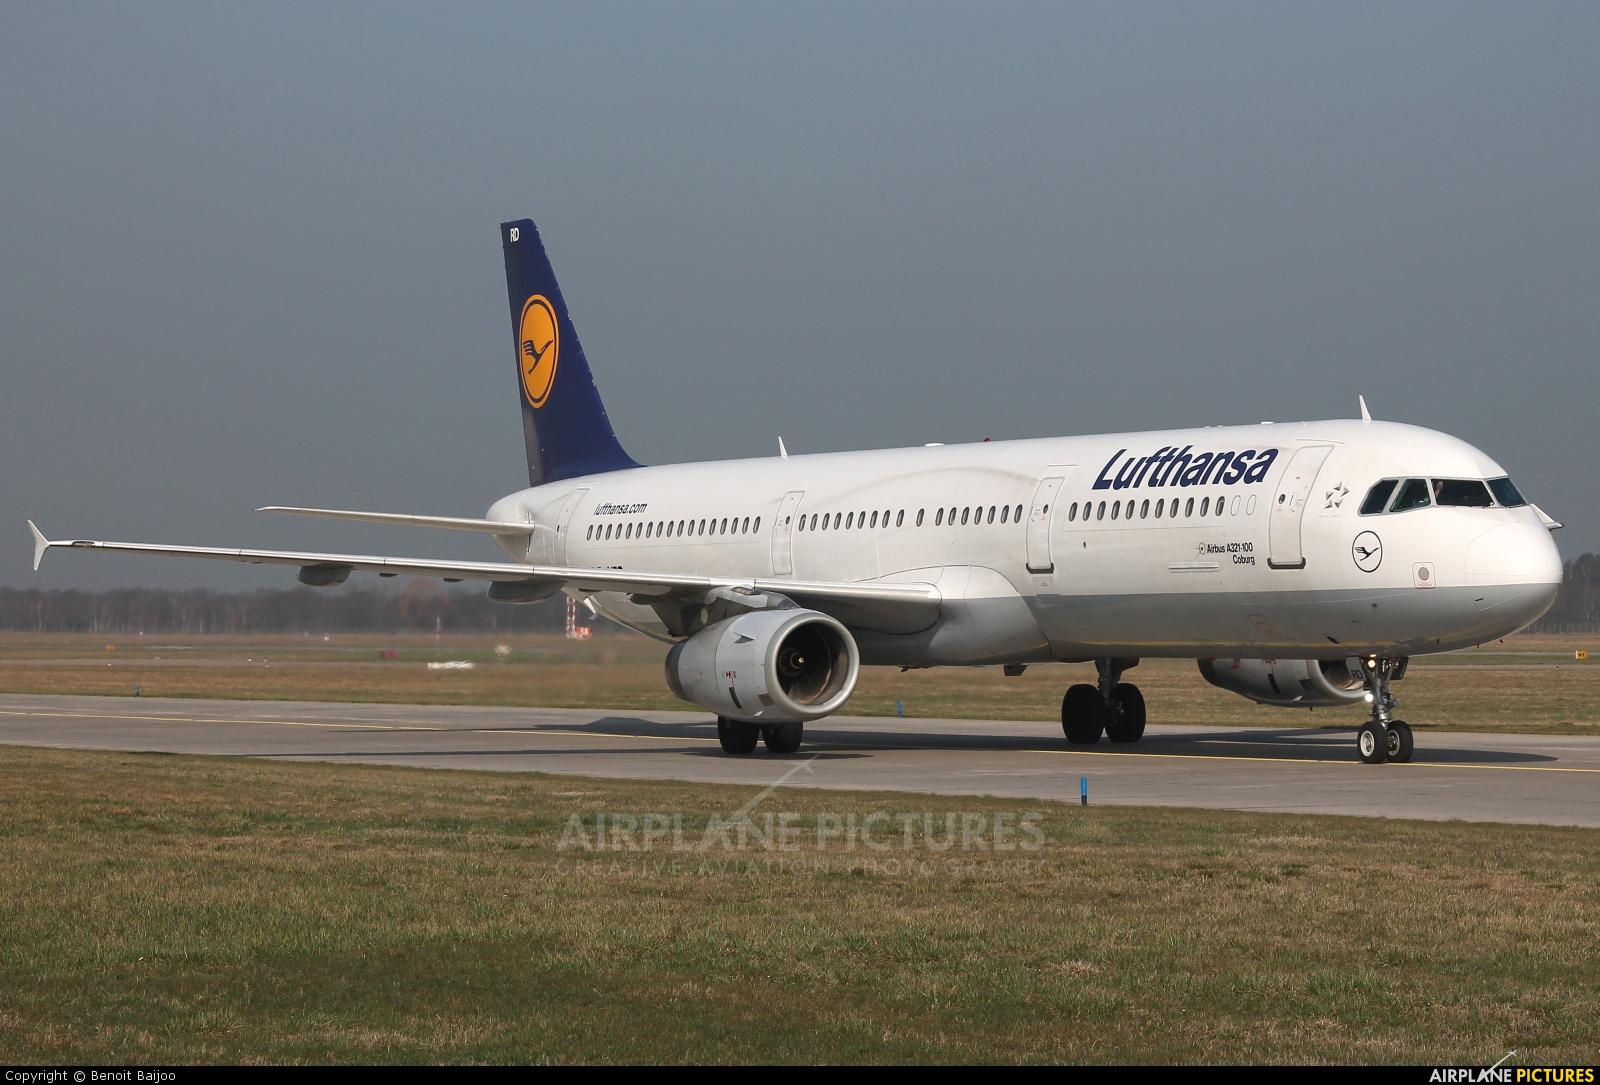 Lufthansa D-AIRD aircraft at Hannover - Langenhagen